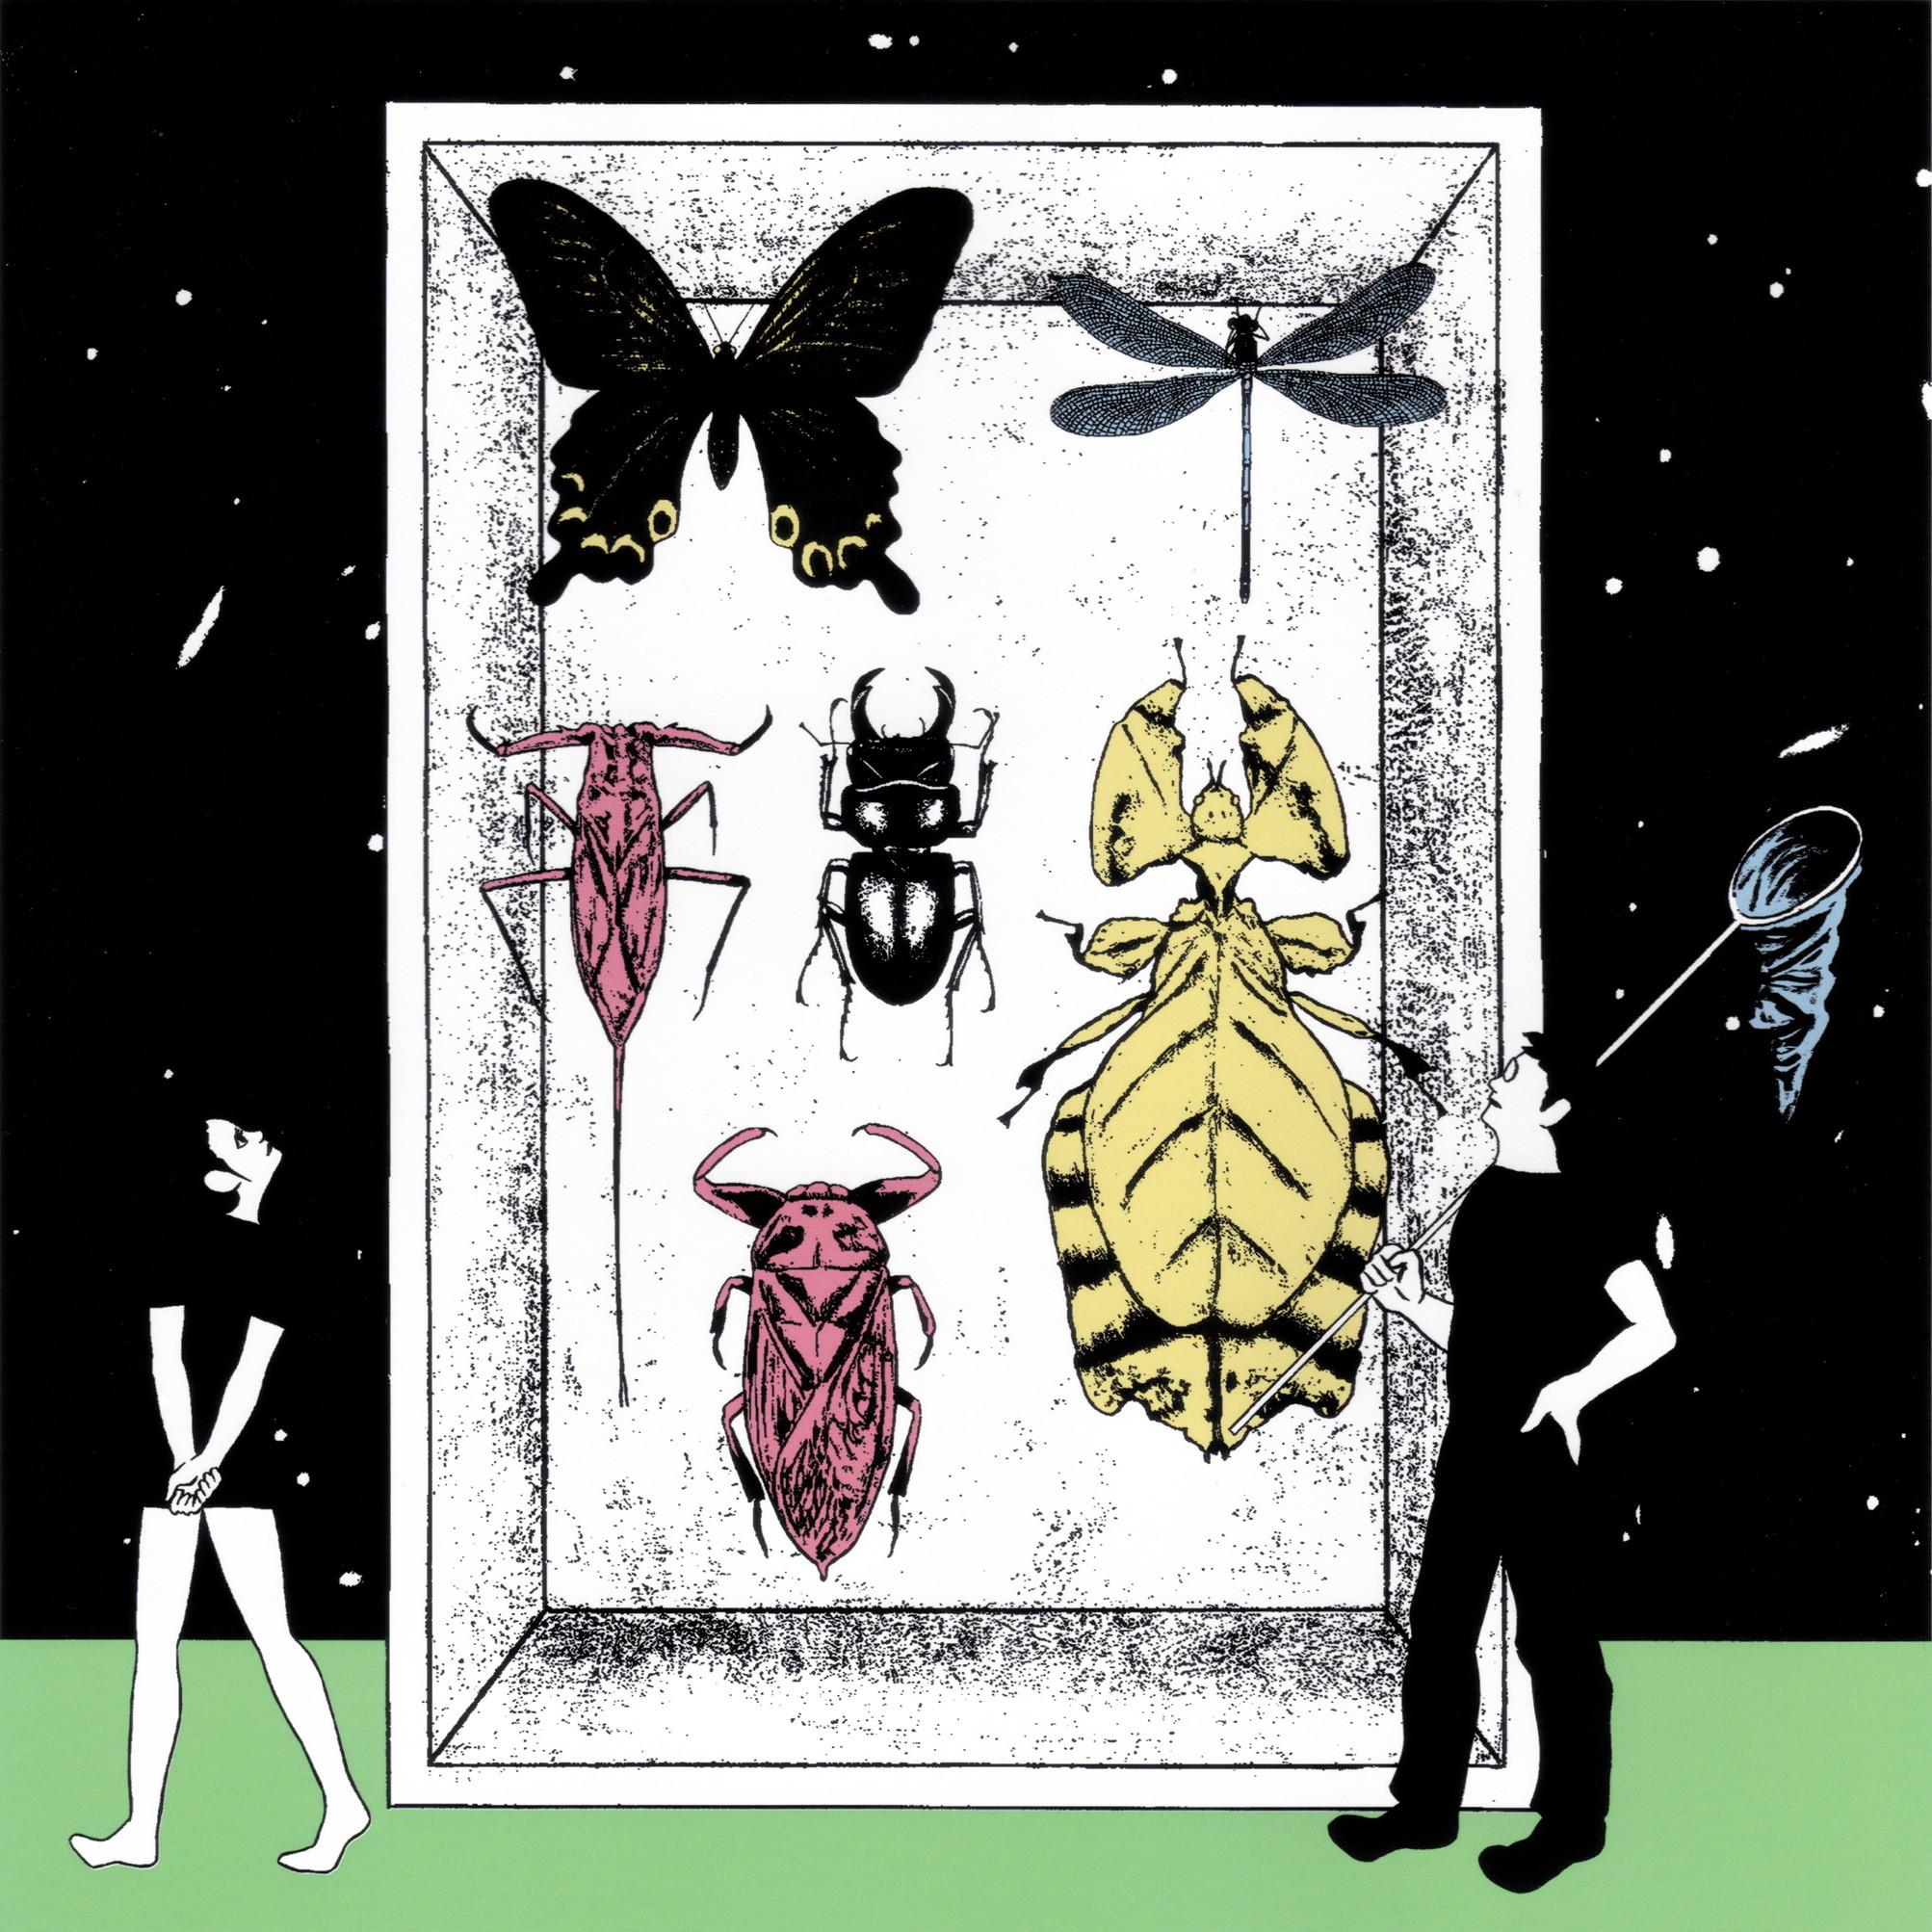 絵画 インテリア アートパネル 雑貨 壁掛け 置物 おしゃれ 現代アート イラストレーション ロココロ 画家 : 斉木晃 作品 : 虫の形而上学